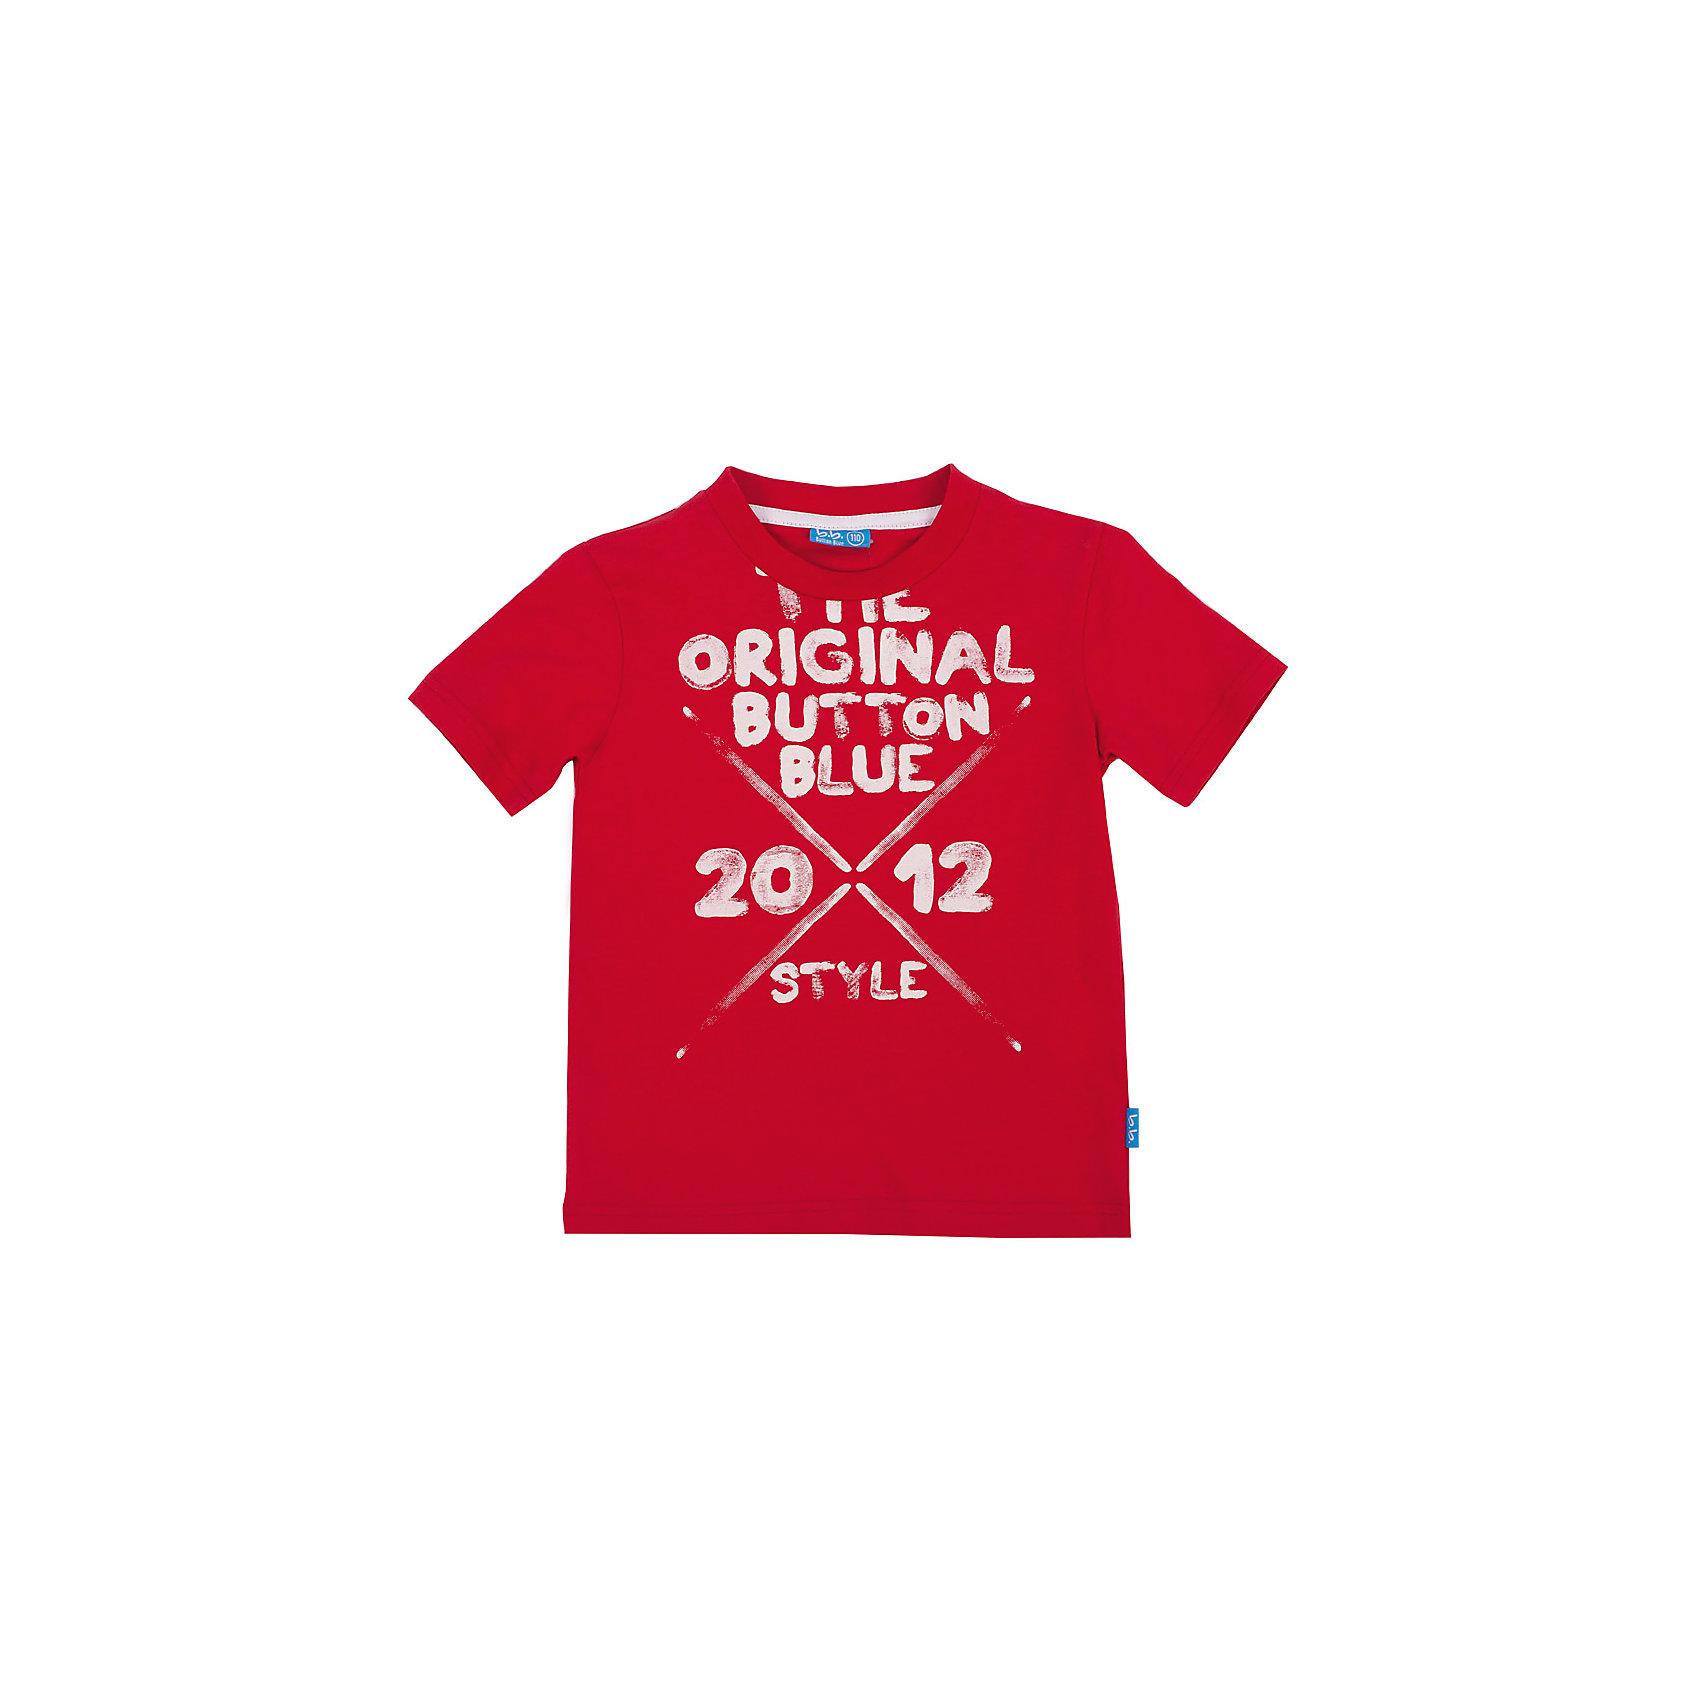 Футболка для мальчика Button BlueФутболки, поло и топы<br>Красная футболка с ярким принтом - не просто базовая вещь в гардеробе ребенка, а залог хорошего летнего настроения! Отличное качество и доступная цена прилагаются. Если вы решили купить недорогую футболку для мальчика, выберете модель футболки с оригинальным принтом, и ваш ребенок будет доволен!<br>Состав:<br>100% хлопок<br><br>Ширина мм: 199<br>Глубина мм: 10<br>Высота мм: 161<br>Вес г: 151<br>Цвет: красный<br>Возраст от месяцев: 72<br>Возраст до месяцев: 84<br>Пол: Мужской<br>Возраст: Детский<br>Размер: 122,134,98,140,158,152,146,104,128,116,110<br>SKU: 4510150